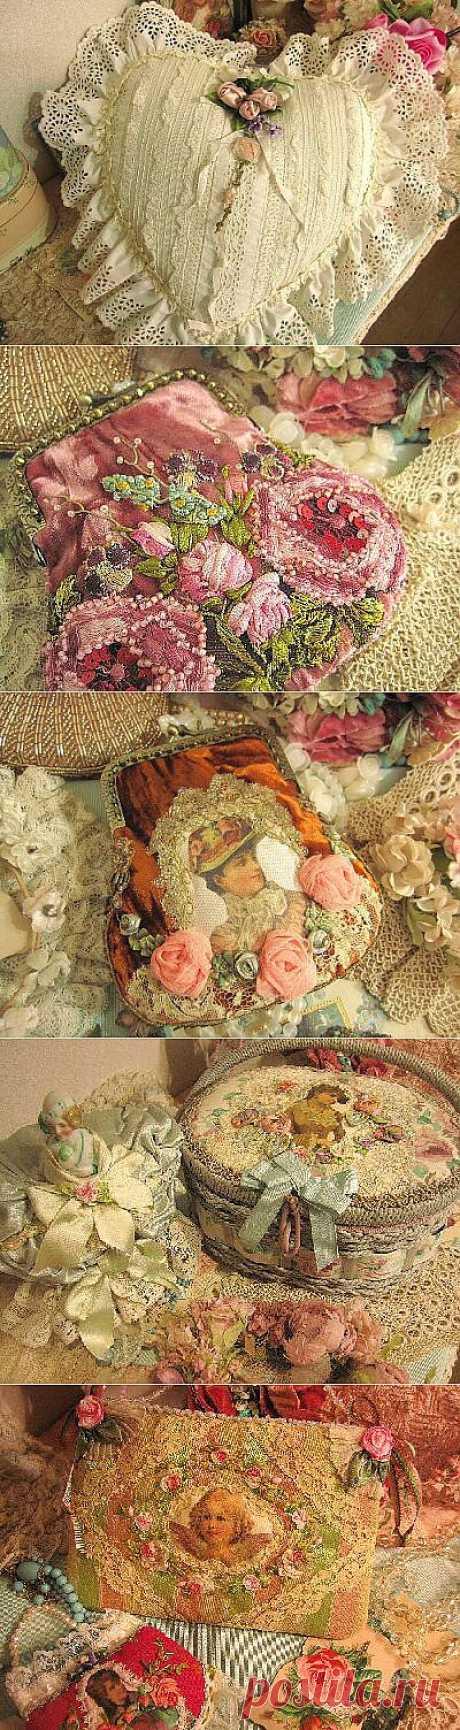 Винтажные кружева от японской мастерицы Pastel.